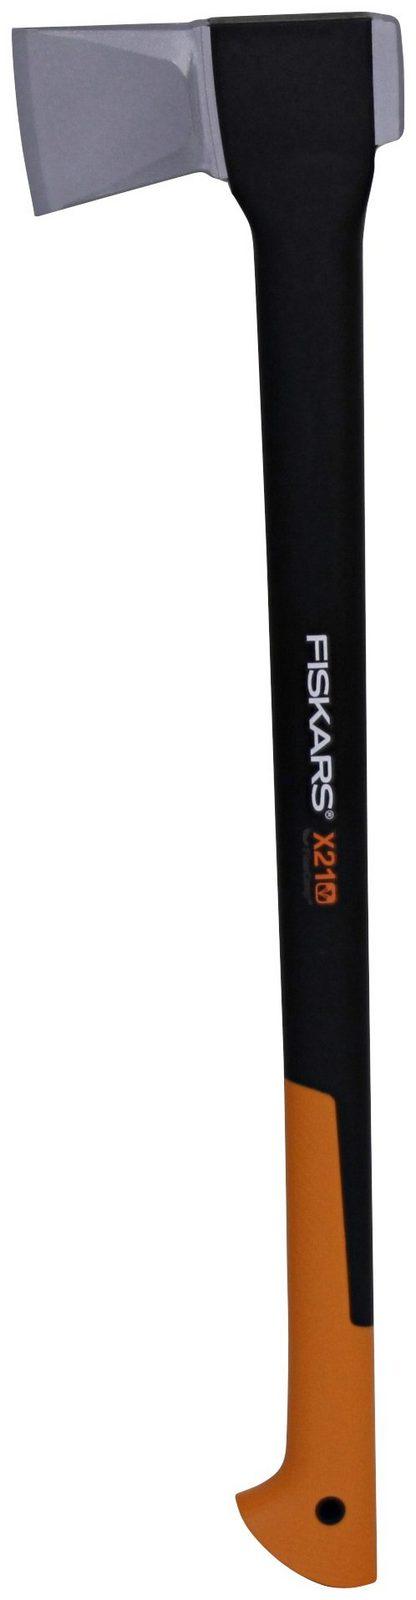 FISKARS Spaltaxt »X21-L«, für mittelgroße Stammstücke von 20-30 cm jetztbilligerkaufen